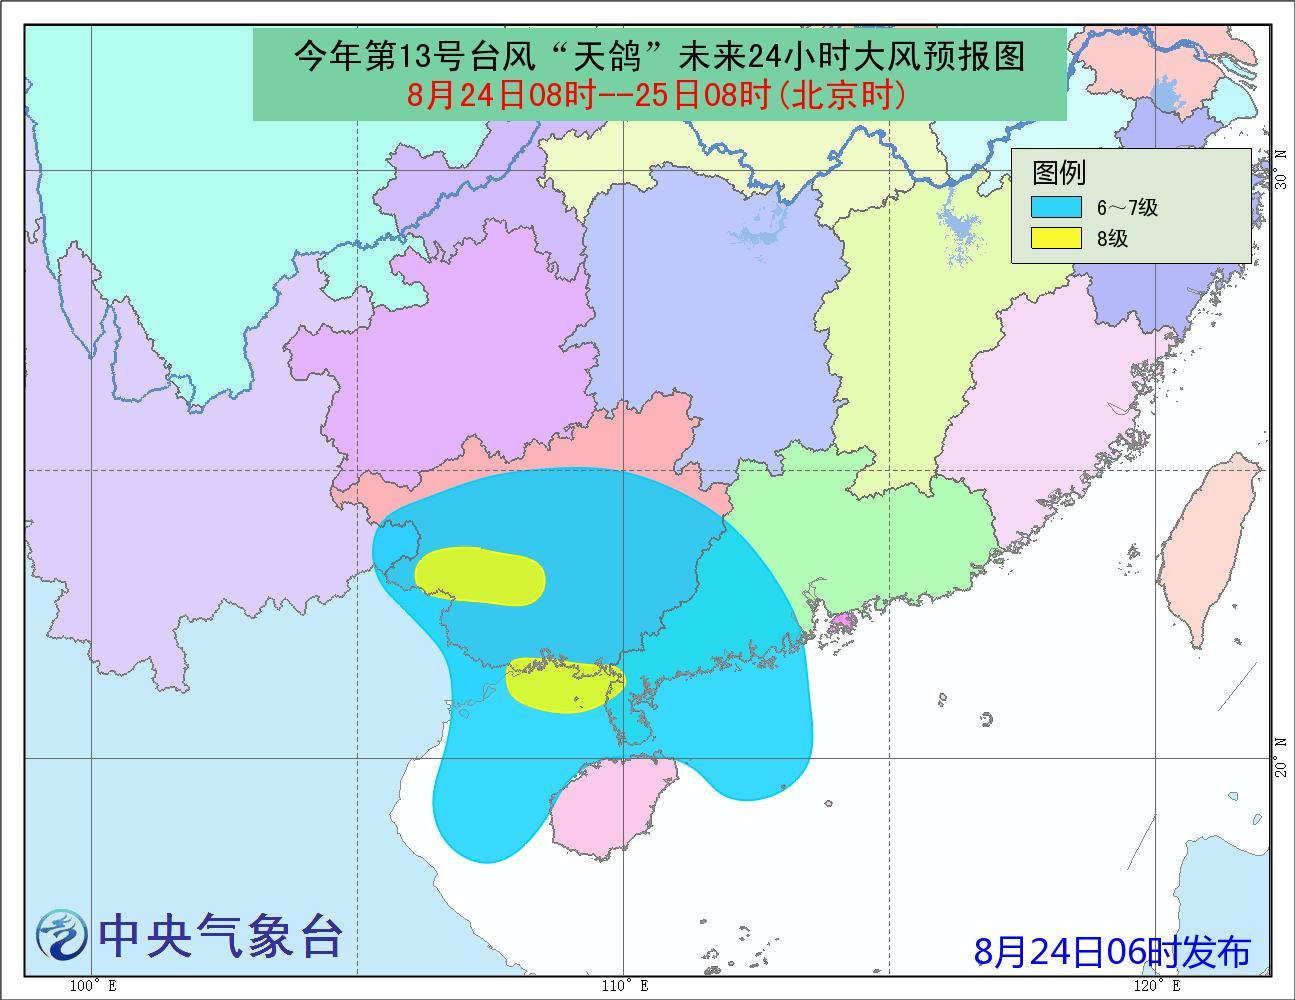 未来三天全国天气预报 台风 天鸽 继续影响广西云南等地